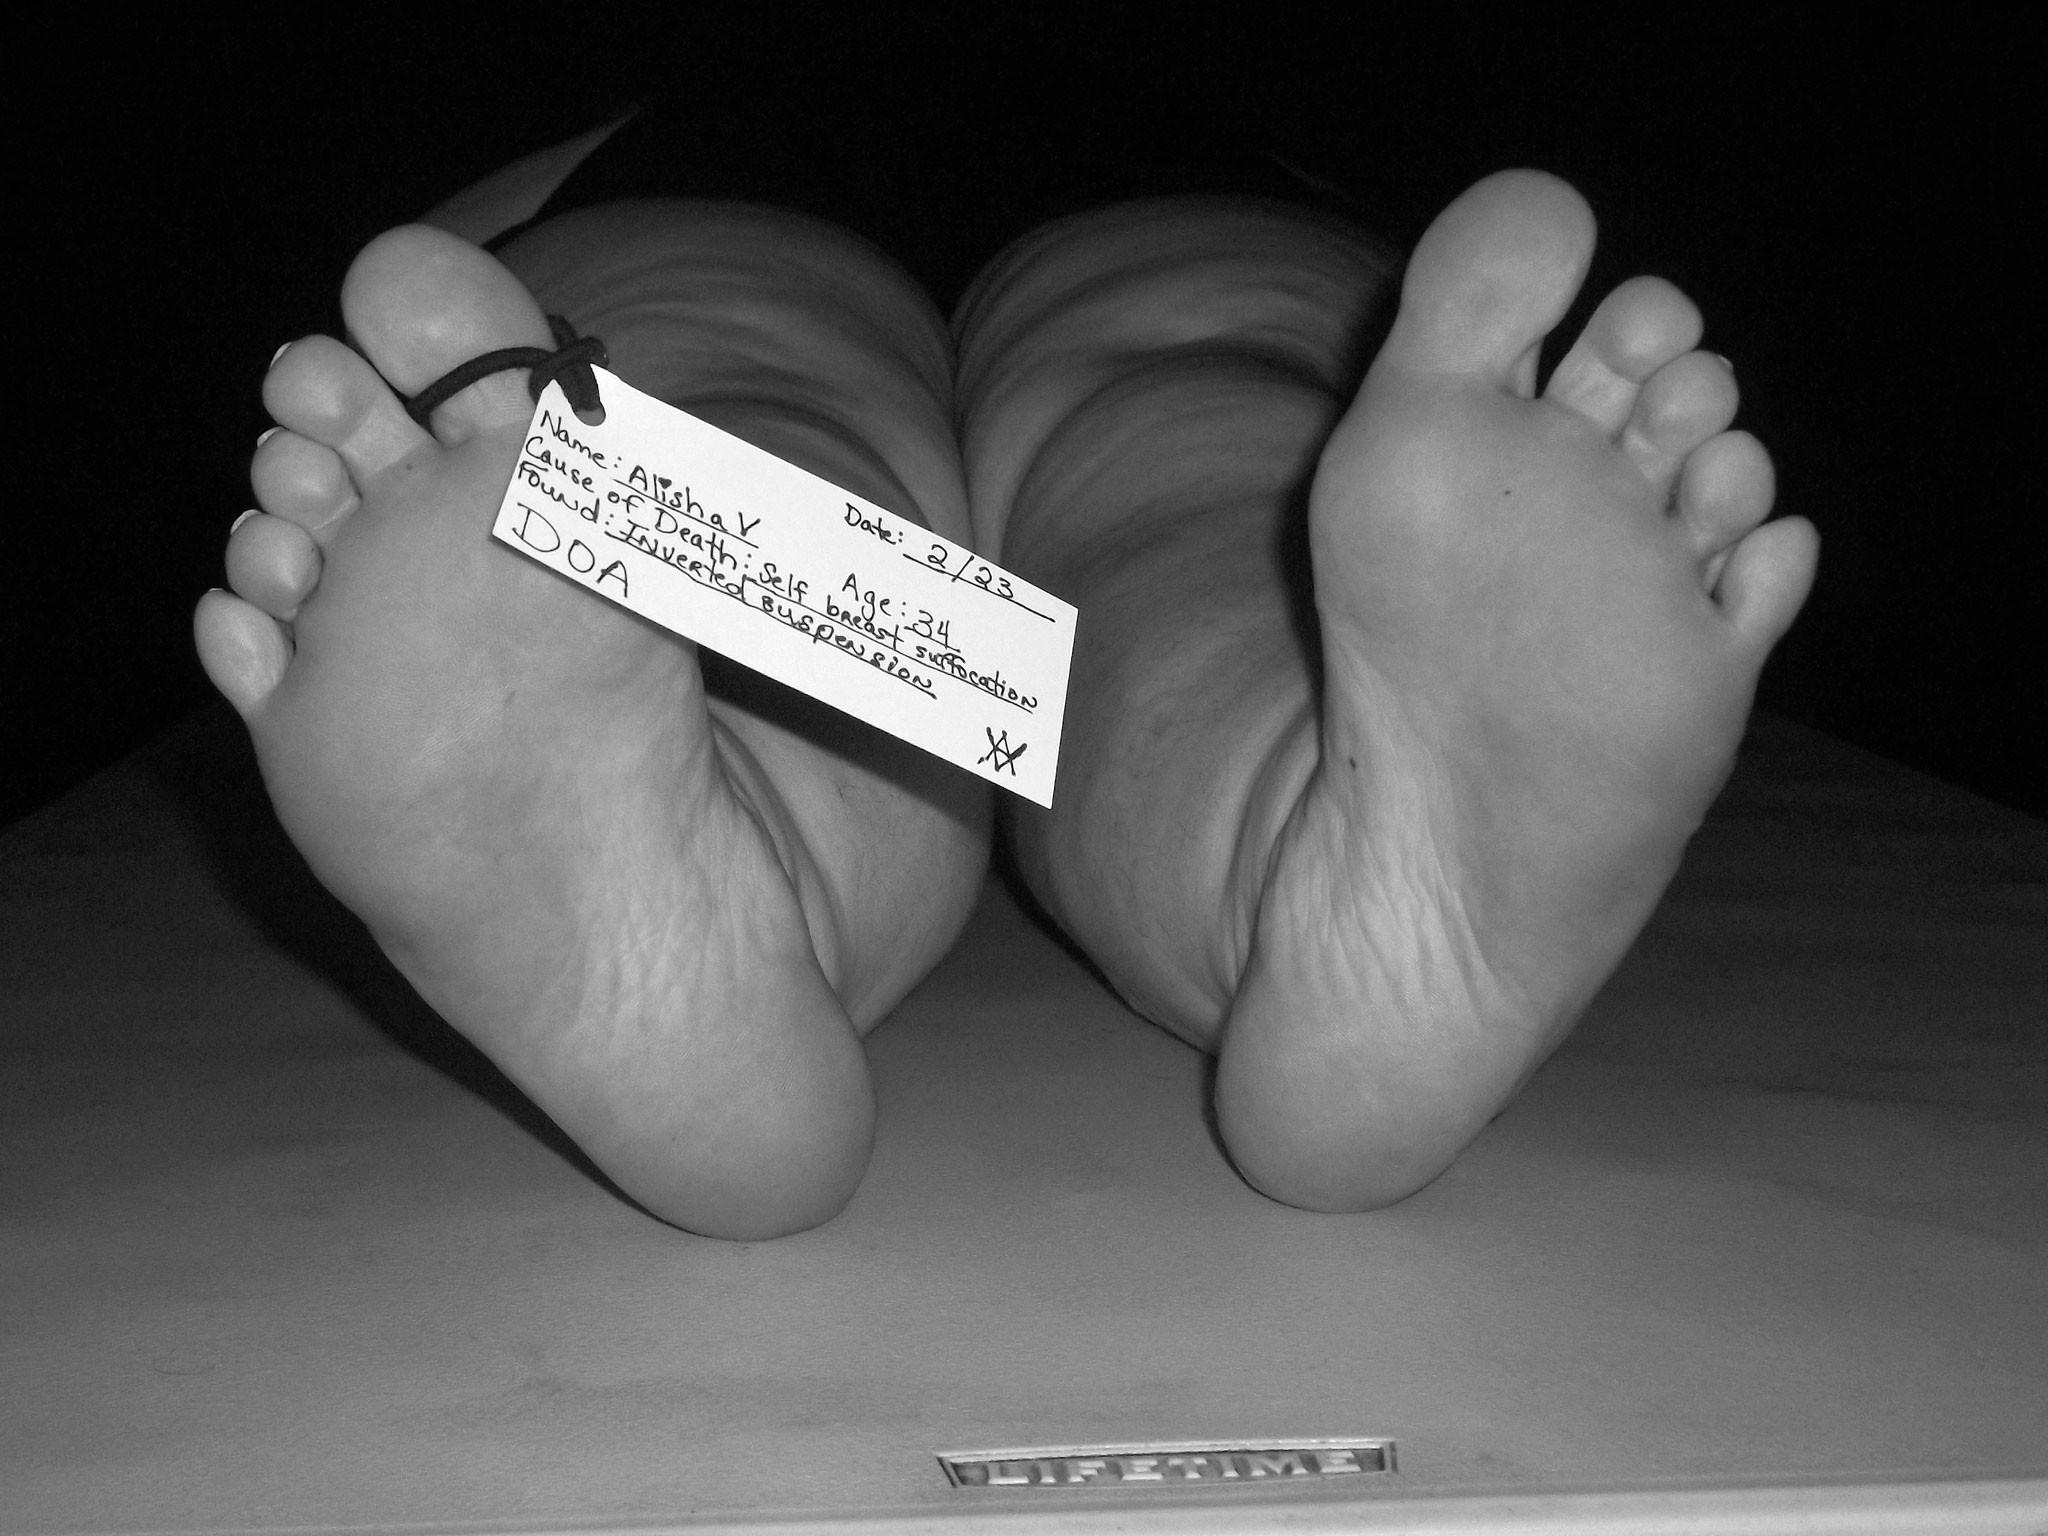 Doação corpo ciência (Foto: Flickr/ Alisha Vargas/ Creative Commons)